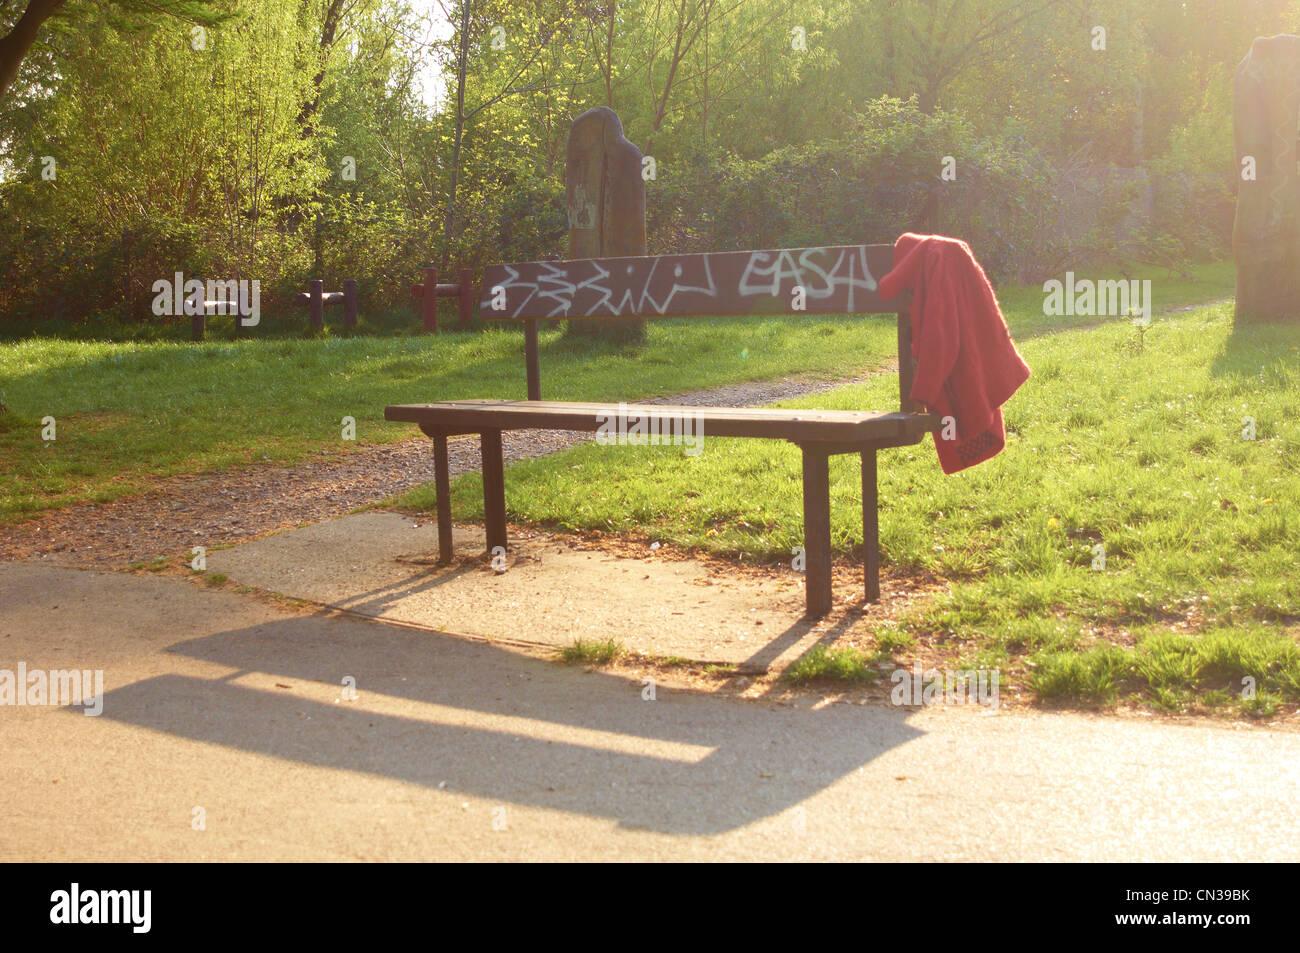 Chaqueta perdidos en una banca del parque Imagen De Stock